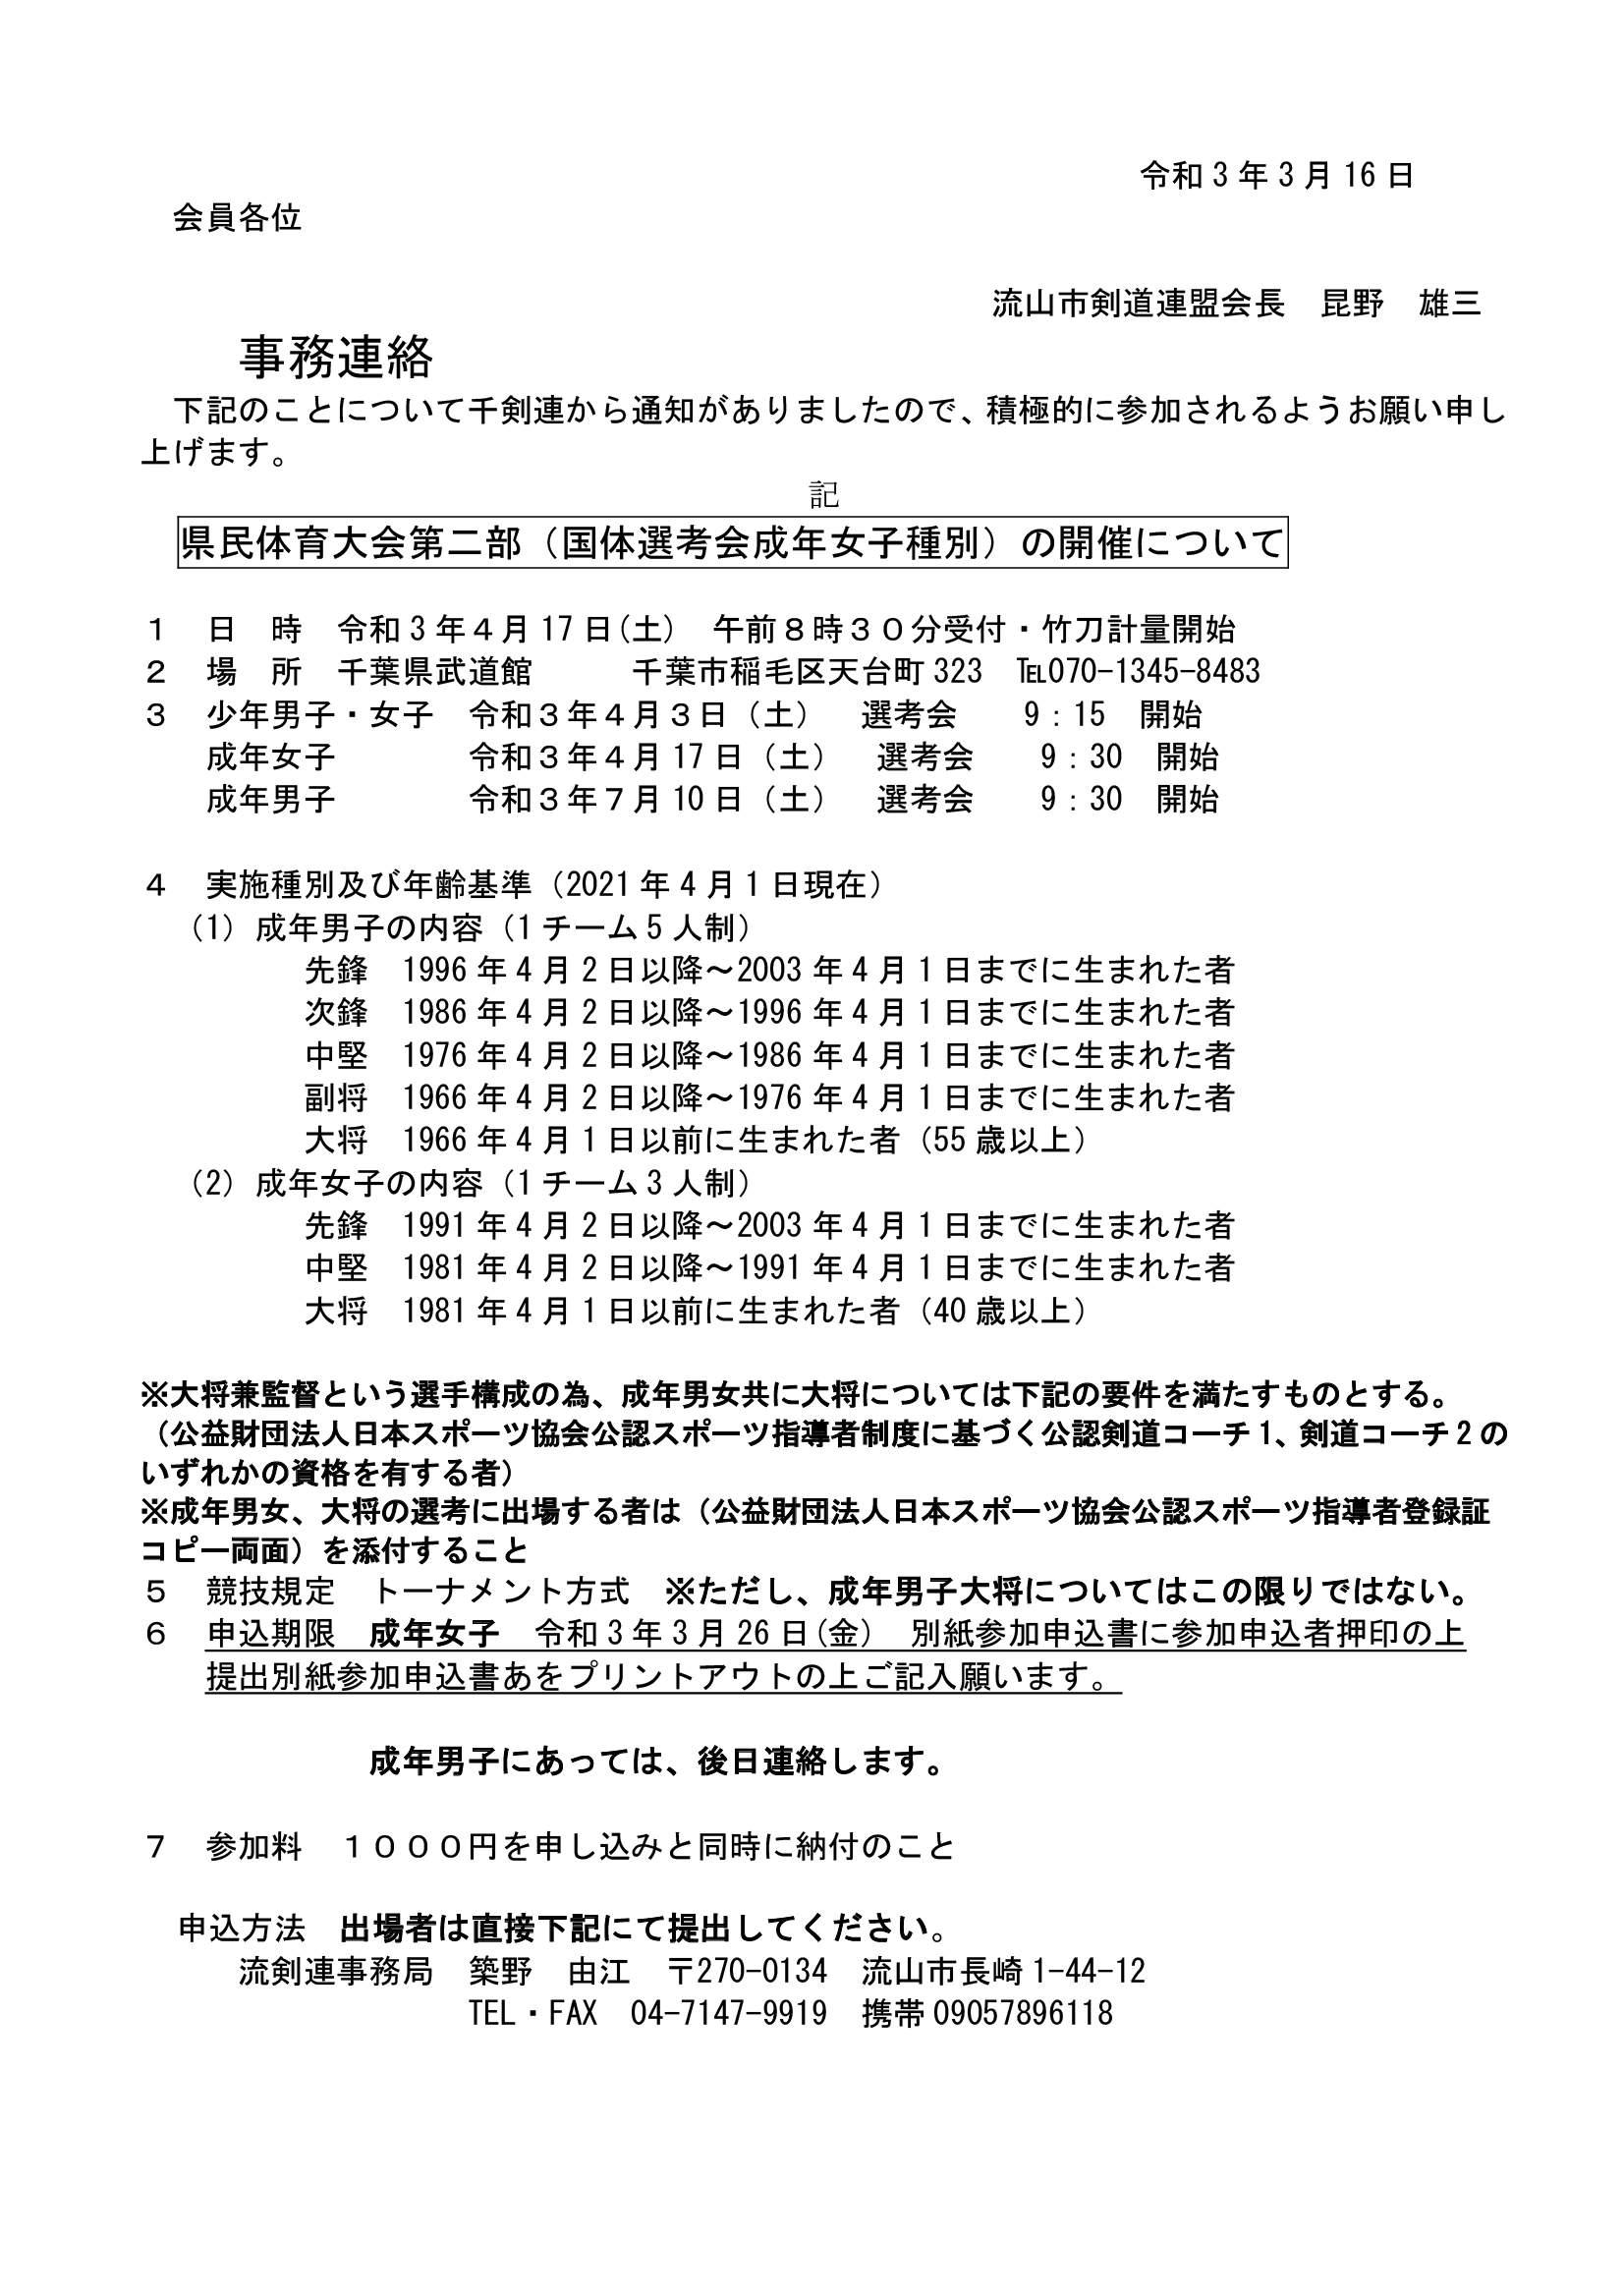 令和3.4.17国体選考会 (003)_0001